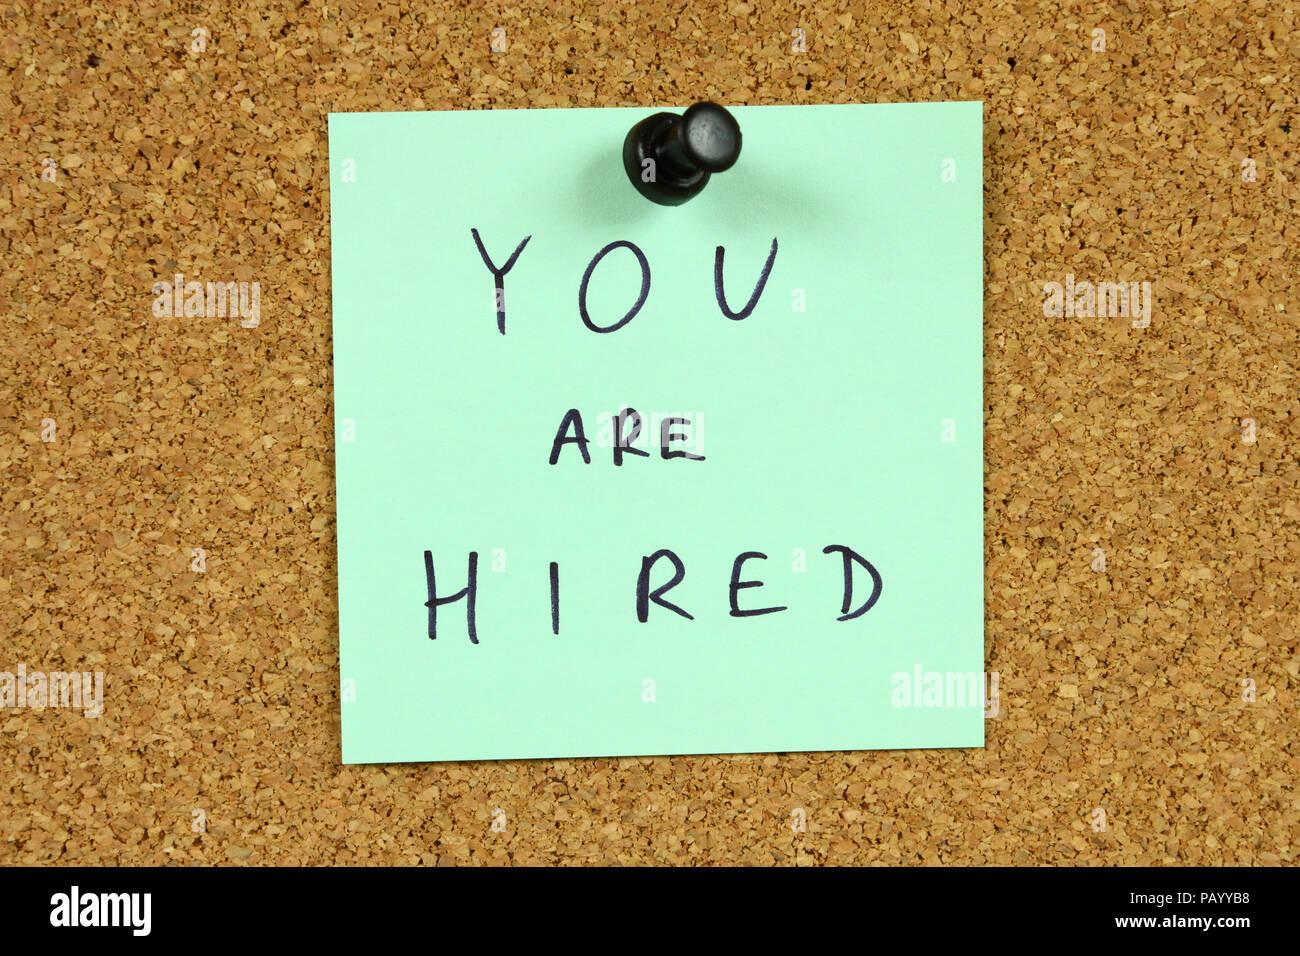 Verde piccola nota adesiva su un ufficio cork bulletin board. Si sono assunti il messaggio. Una carriera di successo, nuova occupazione. Immagini Stock